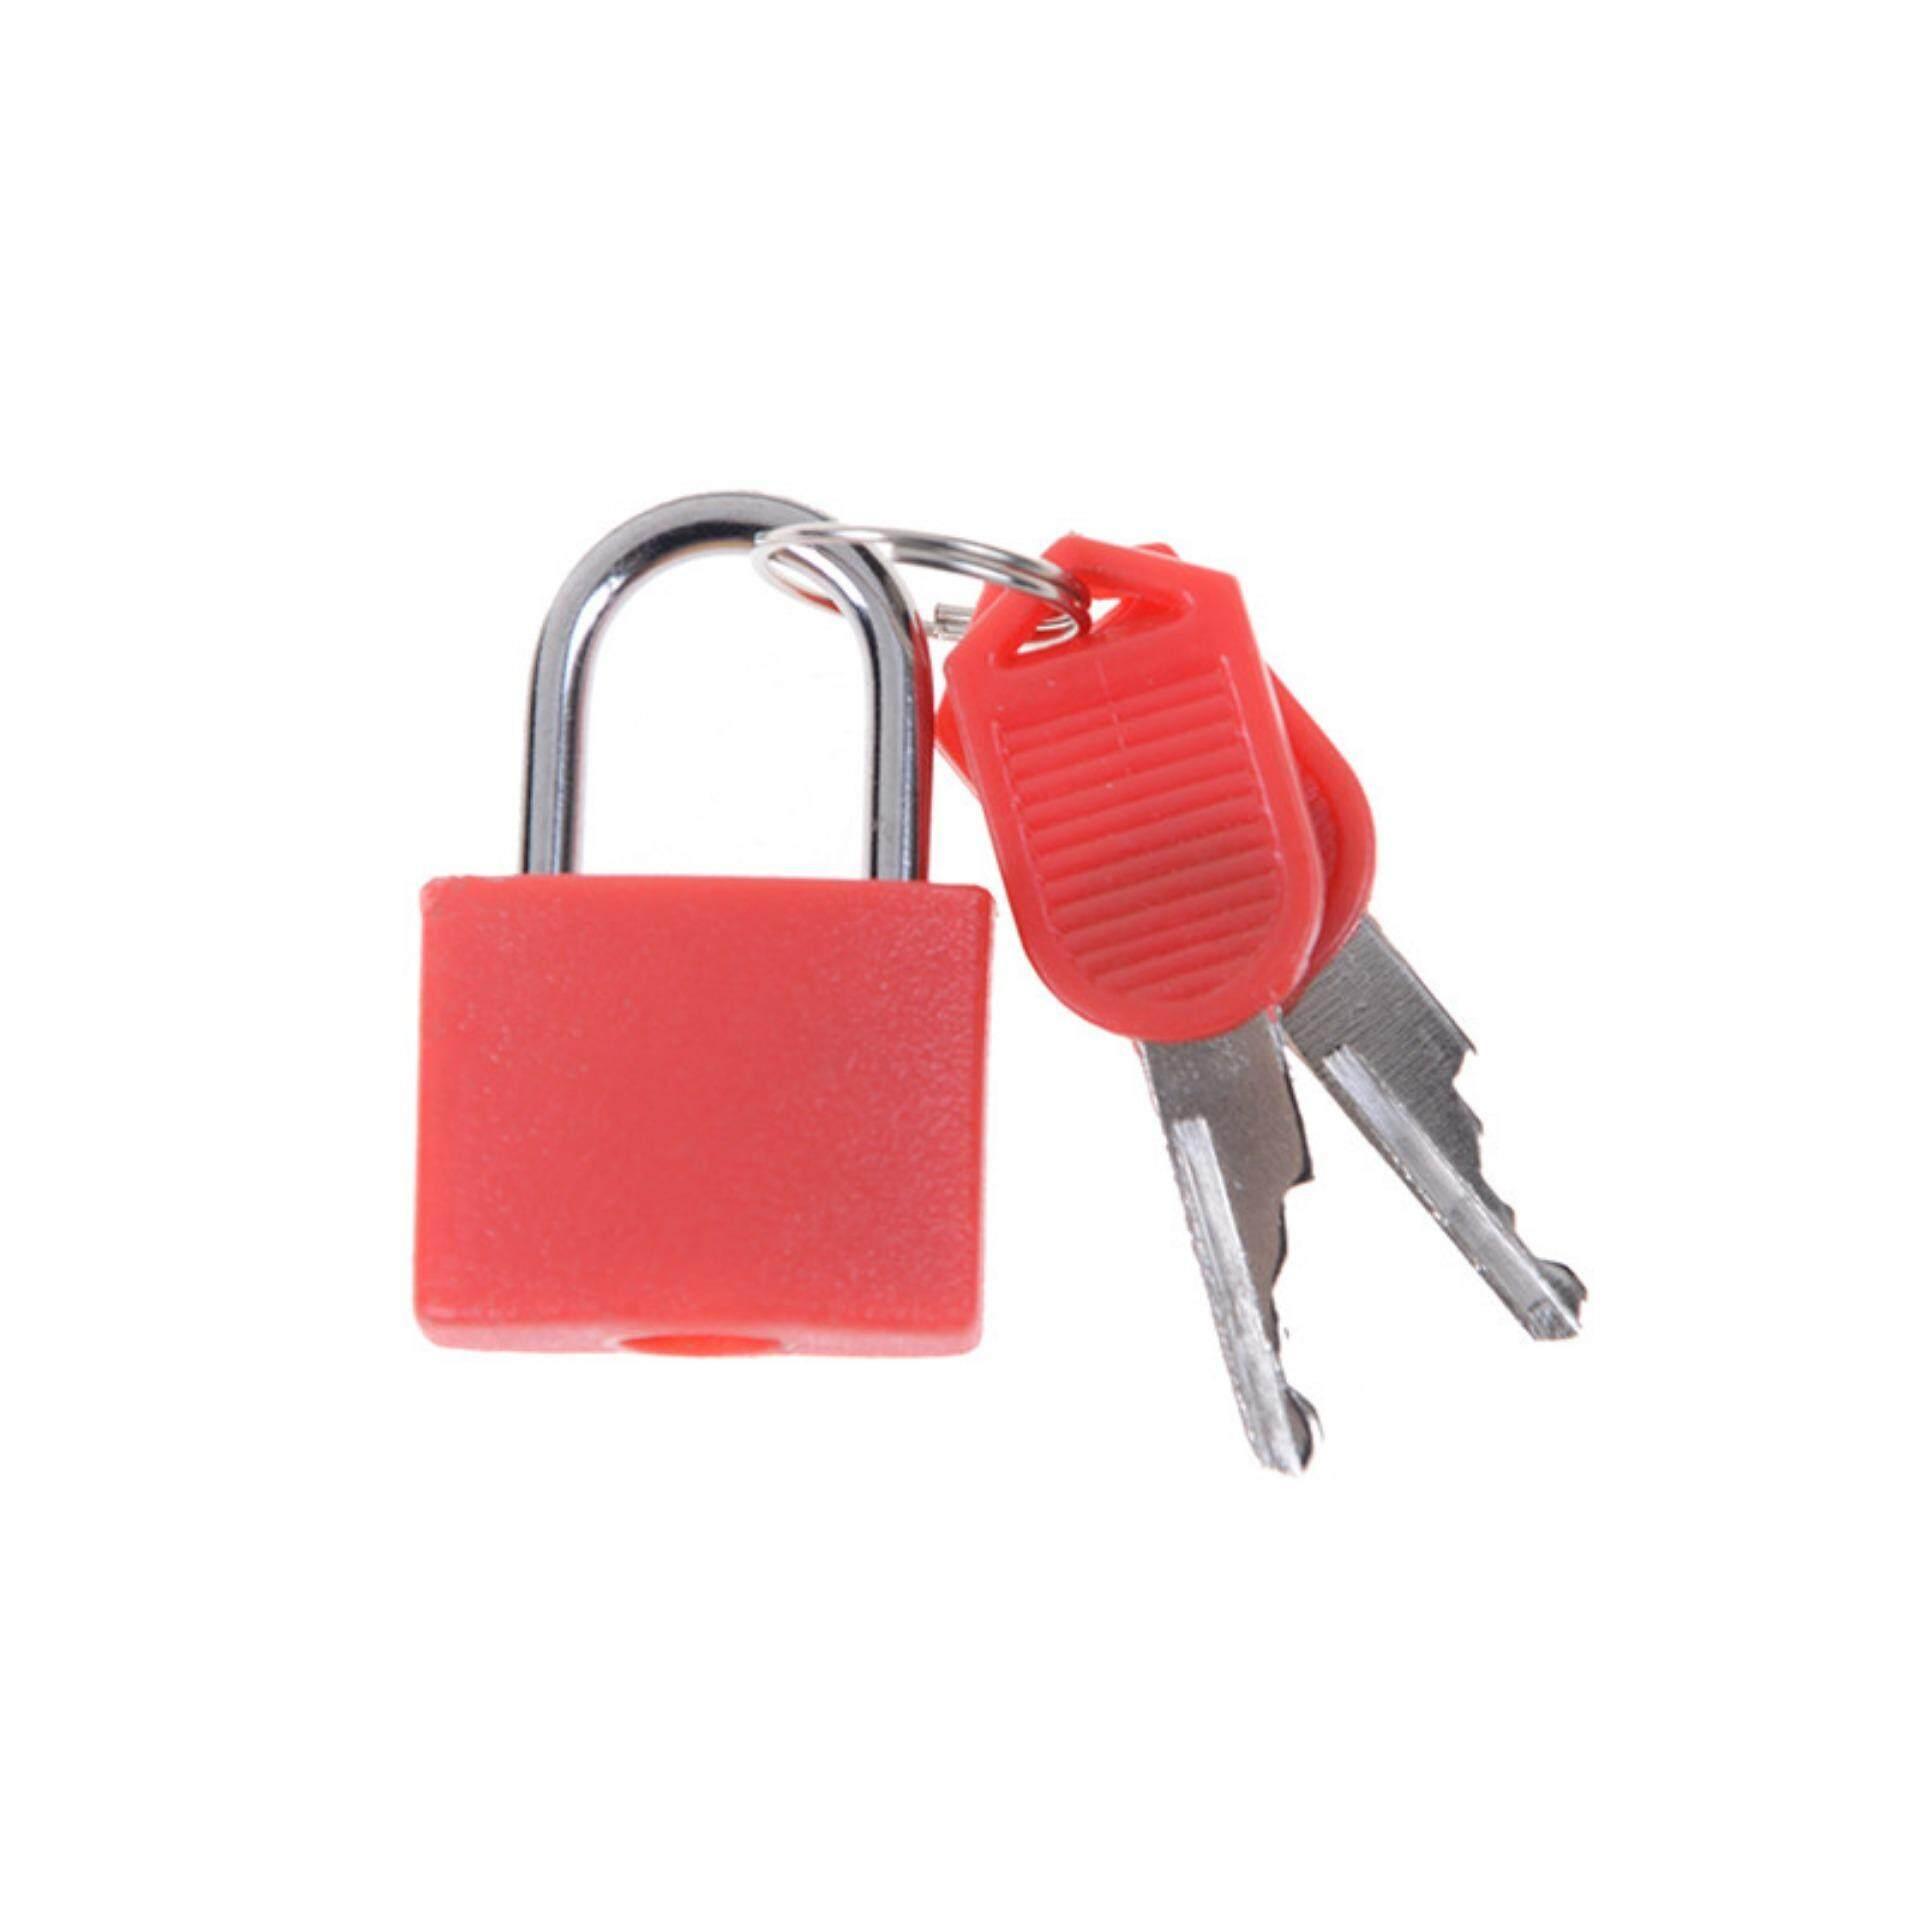 Perkakas Nankai Kunci Sepeda Sling 100 Cm Daftar Harga Terlengkap Spiral Bicycle Lock Mini Strong Steel Padlock Travel Tiny Suitcase With 2 Keys Red Intl